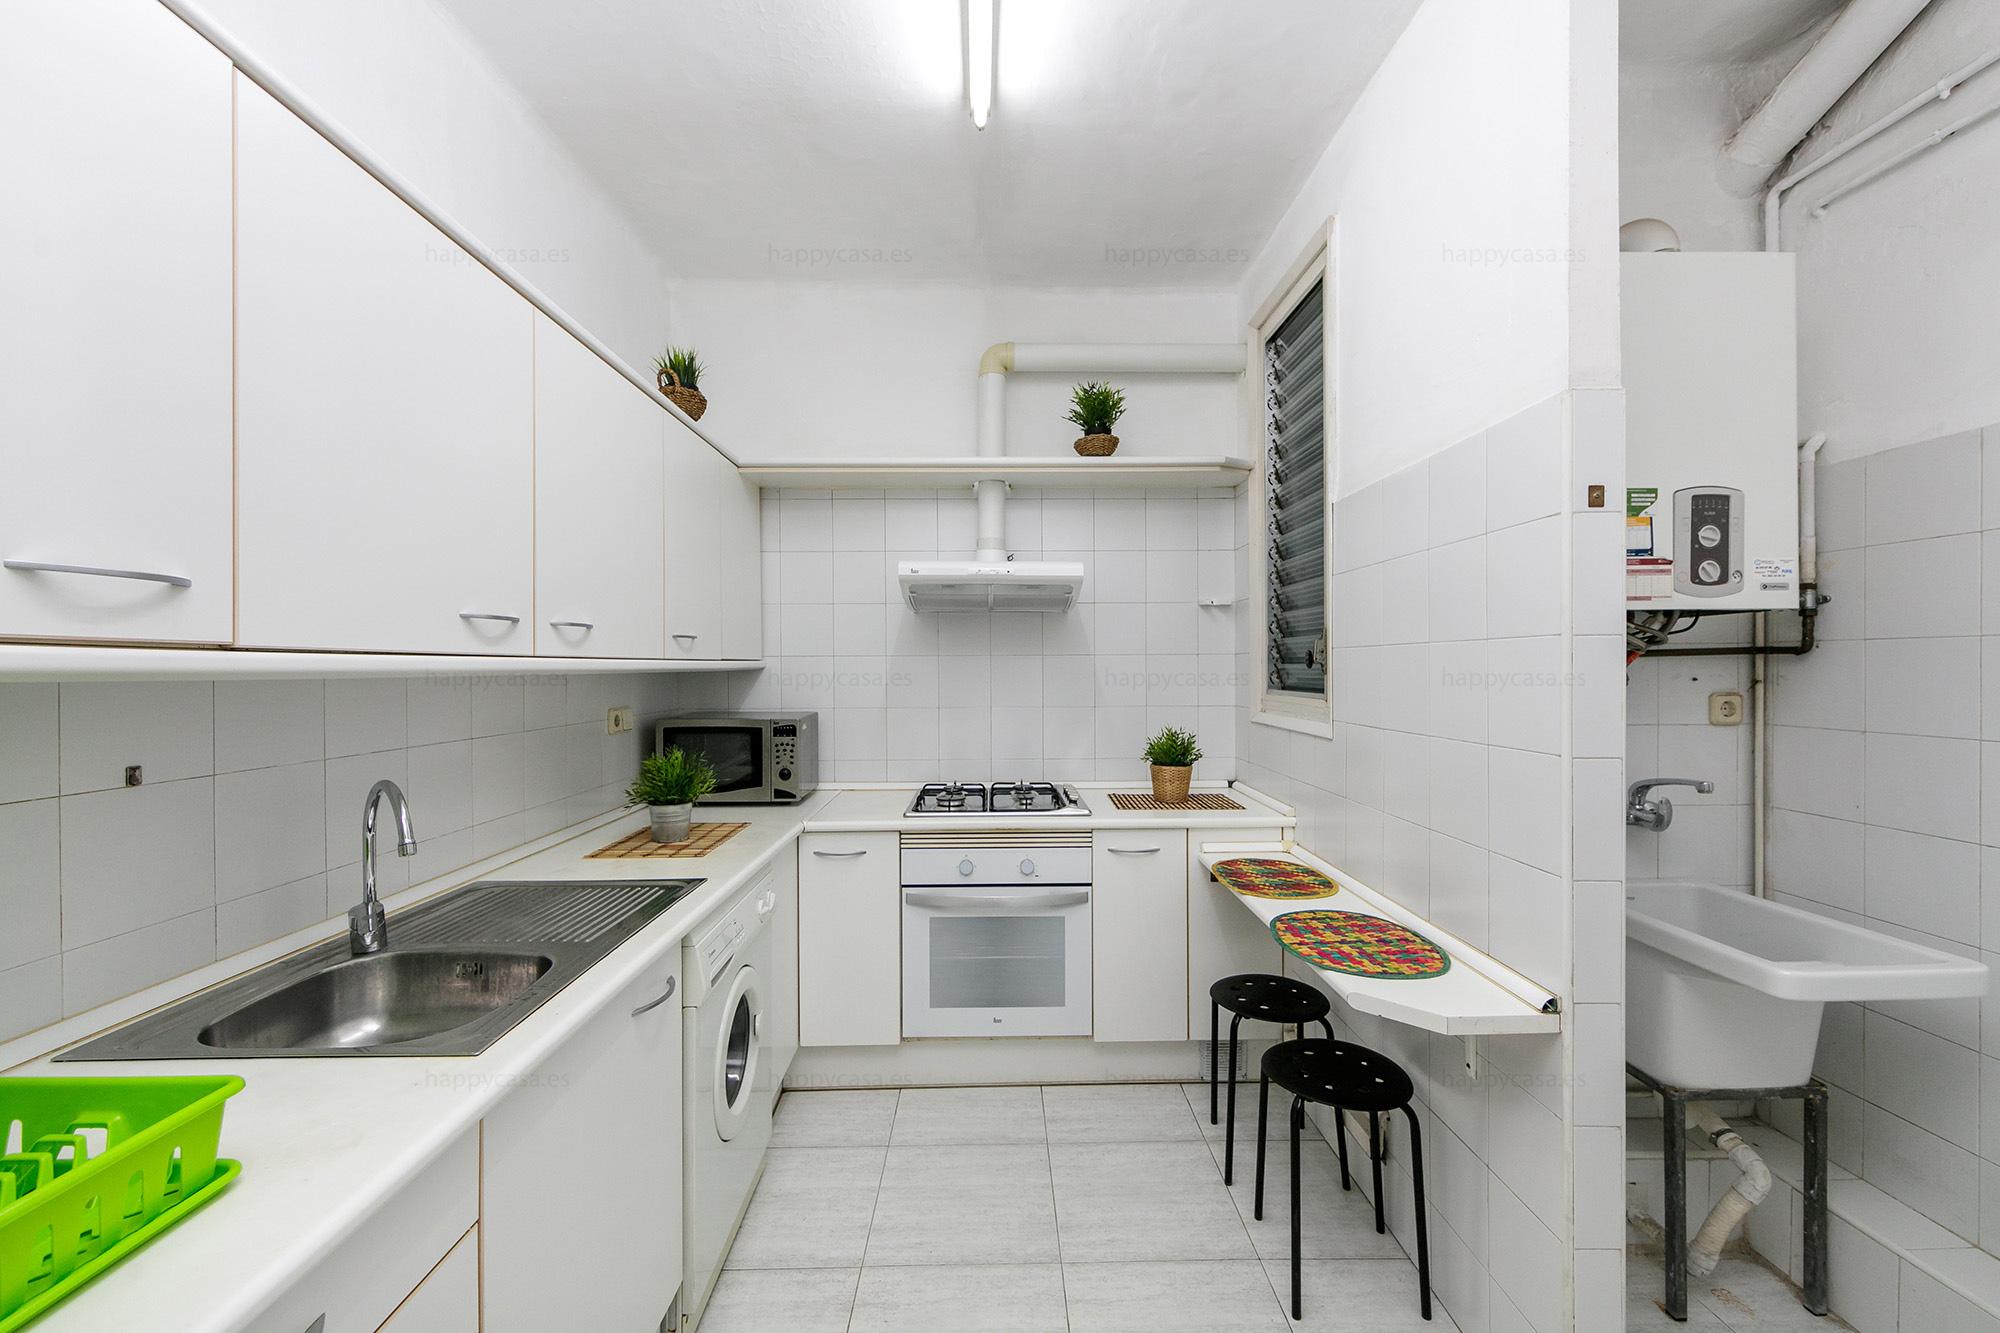 Chambre simple ou en colocation  Sarria  Sant Gervasi  Happycasa